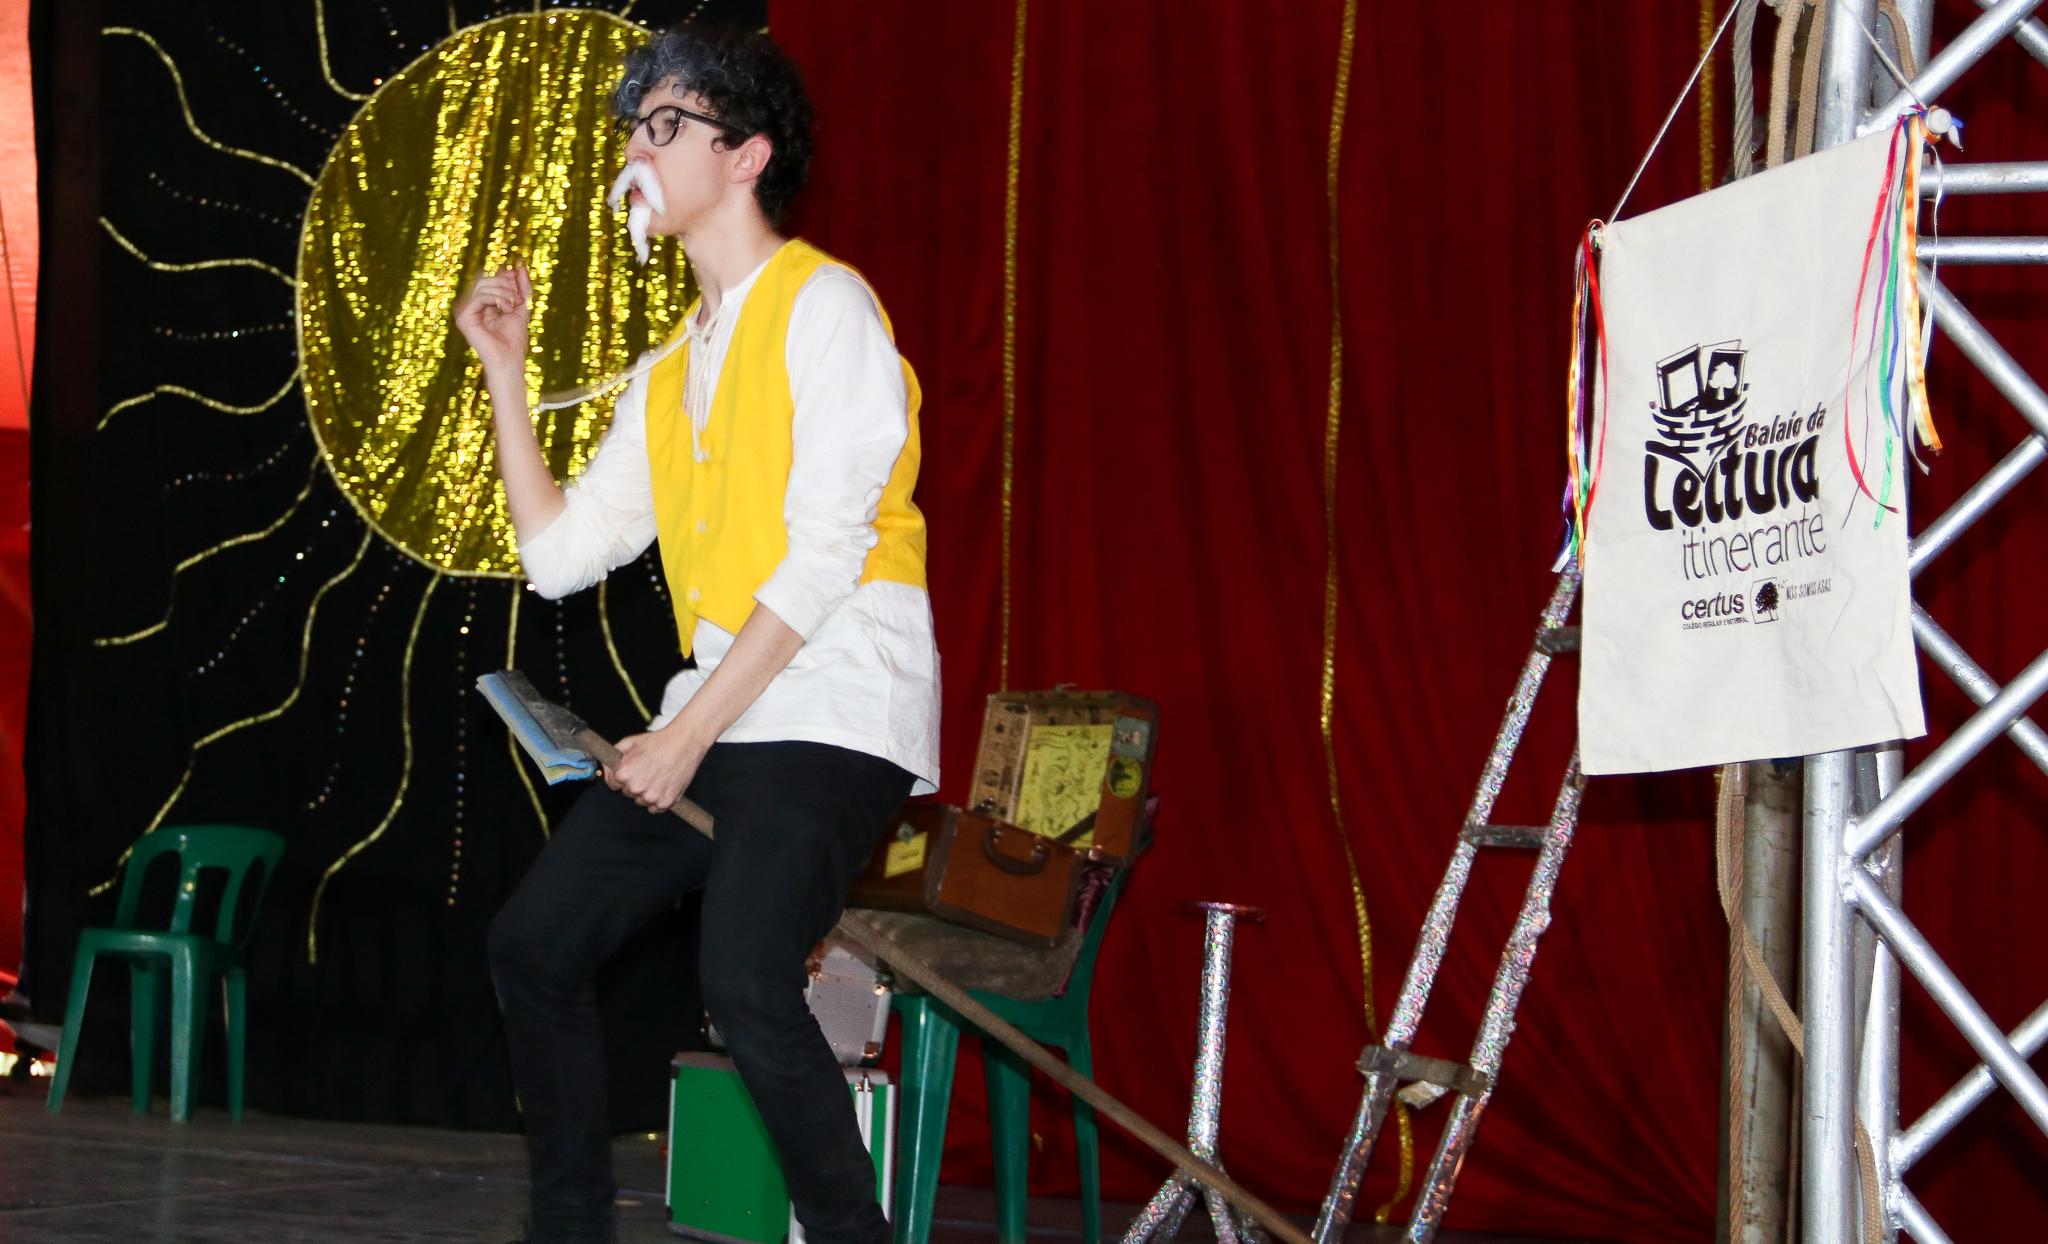 Fundamental I assiste encenação de Dom Quixote de Miguel de Cervantes no Circo di Napoli pelo projeto Balaio de Leitura Itinerante montado pelo Tecer grupo de Teatro do colégio Certus